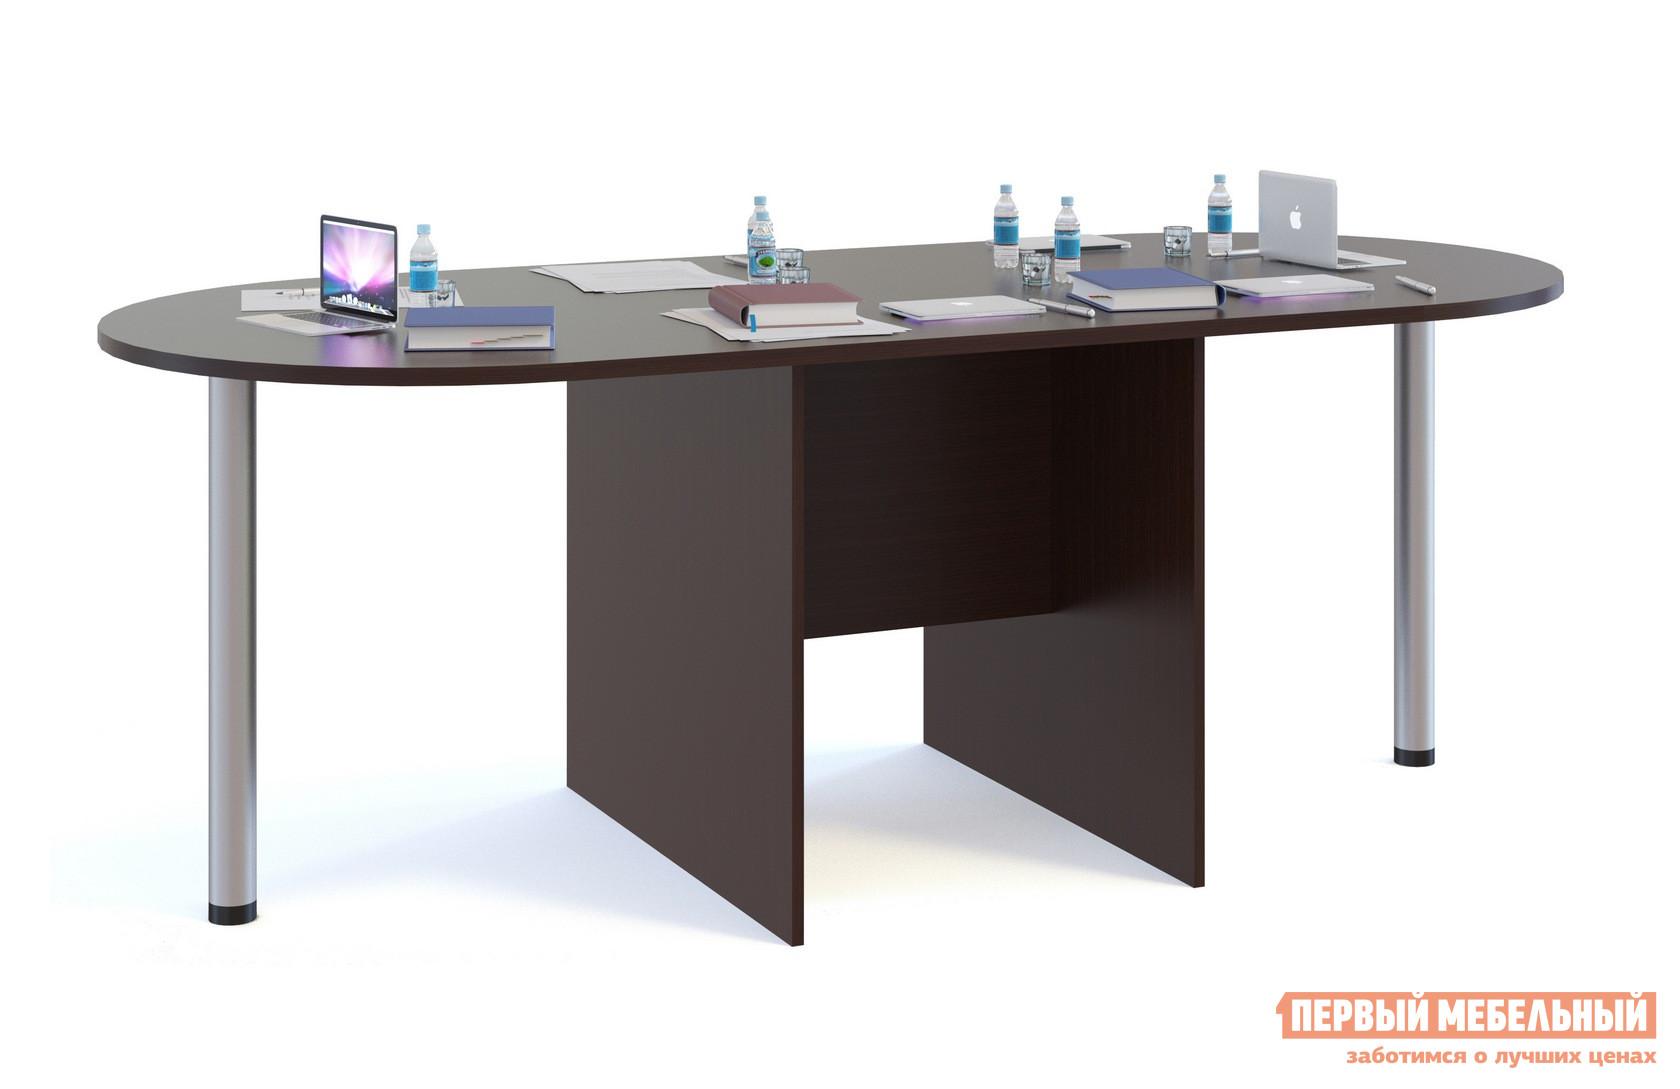 Стол для переговоров Сокол СПР-05+2 шт. СПР-03 Венге